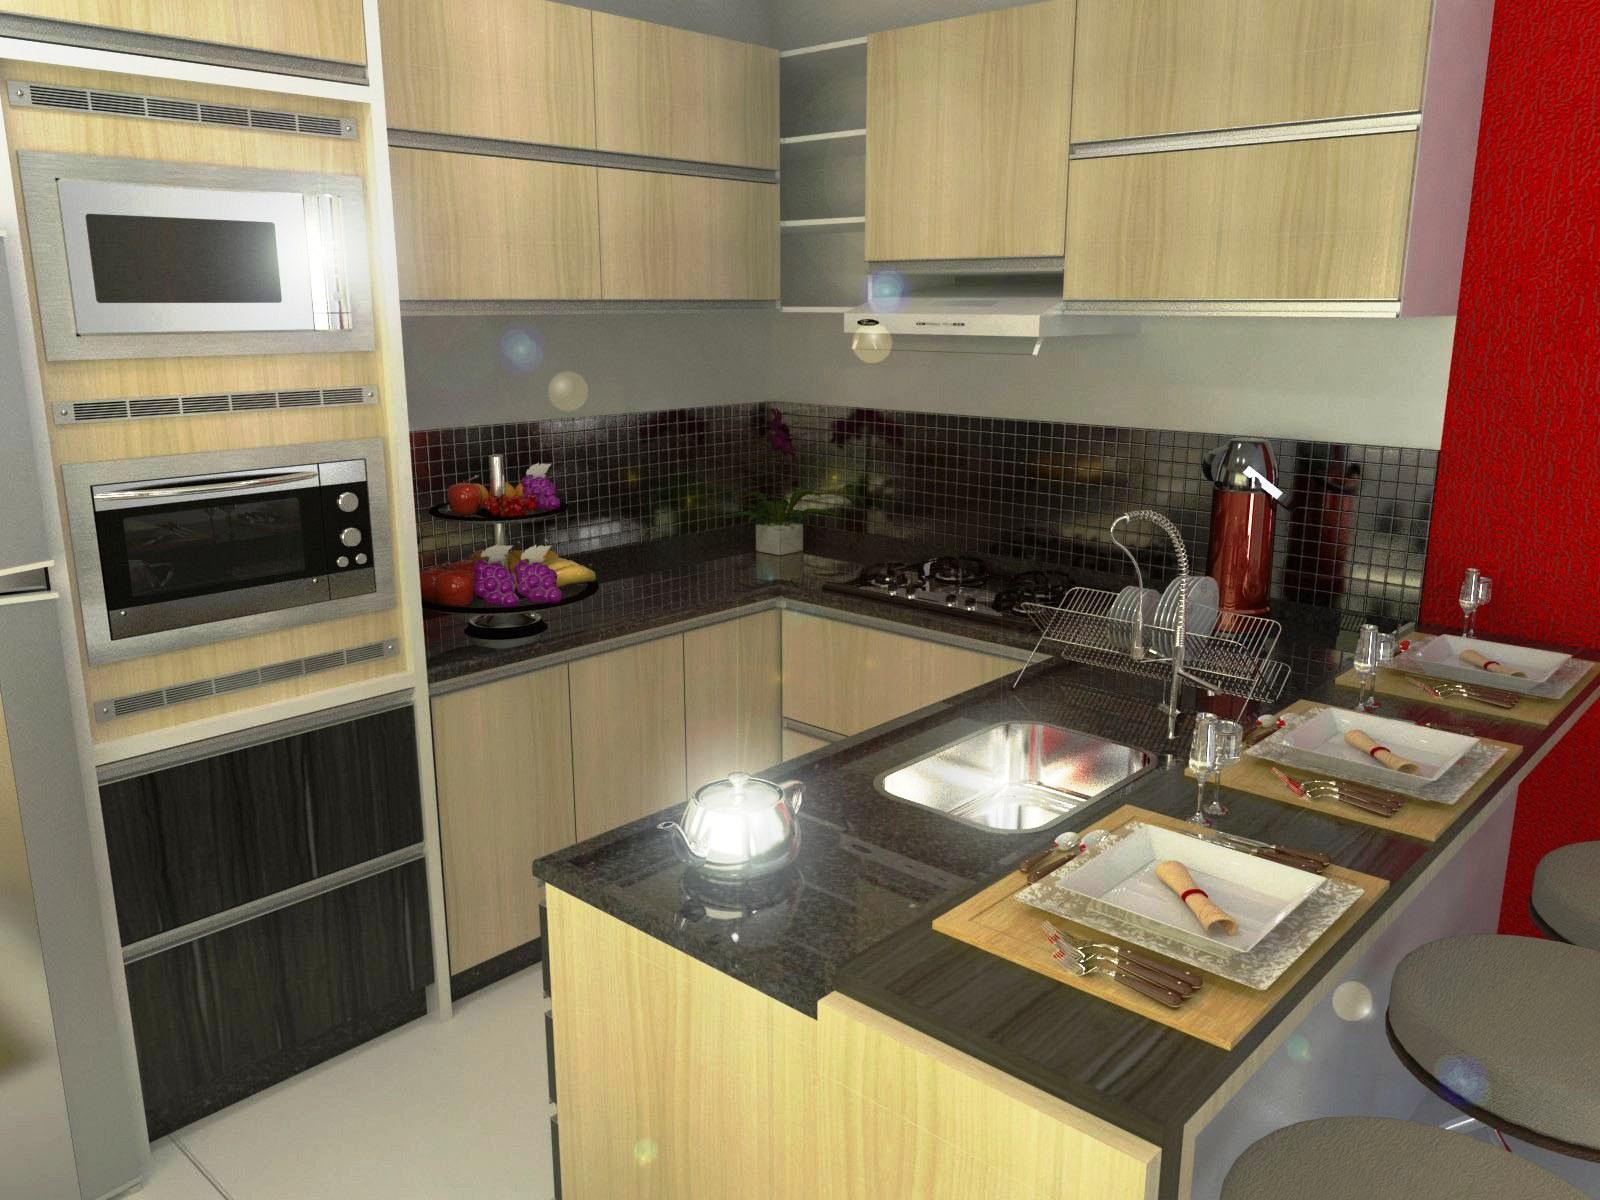 PROJETO DE MÓVEIS 3D: Cozinha Pequena #801B16 1600 1200